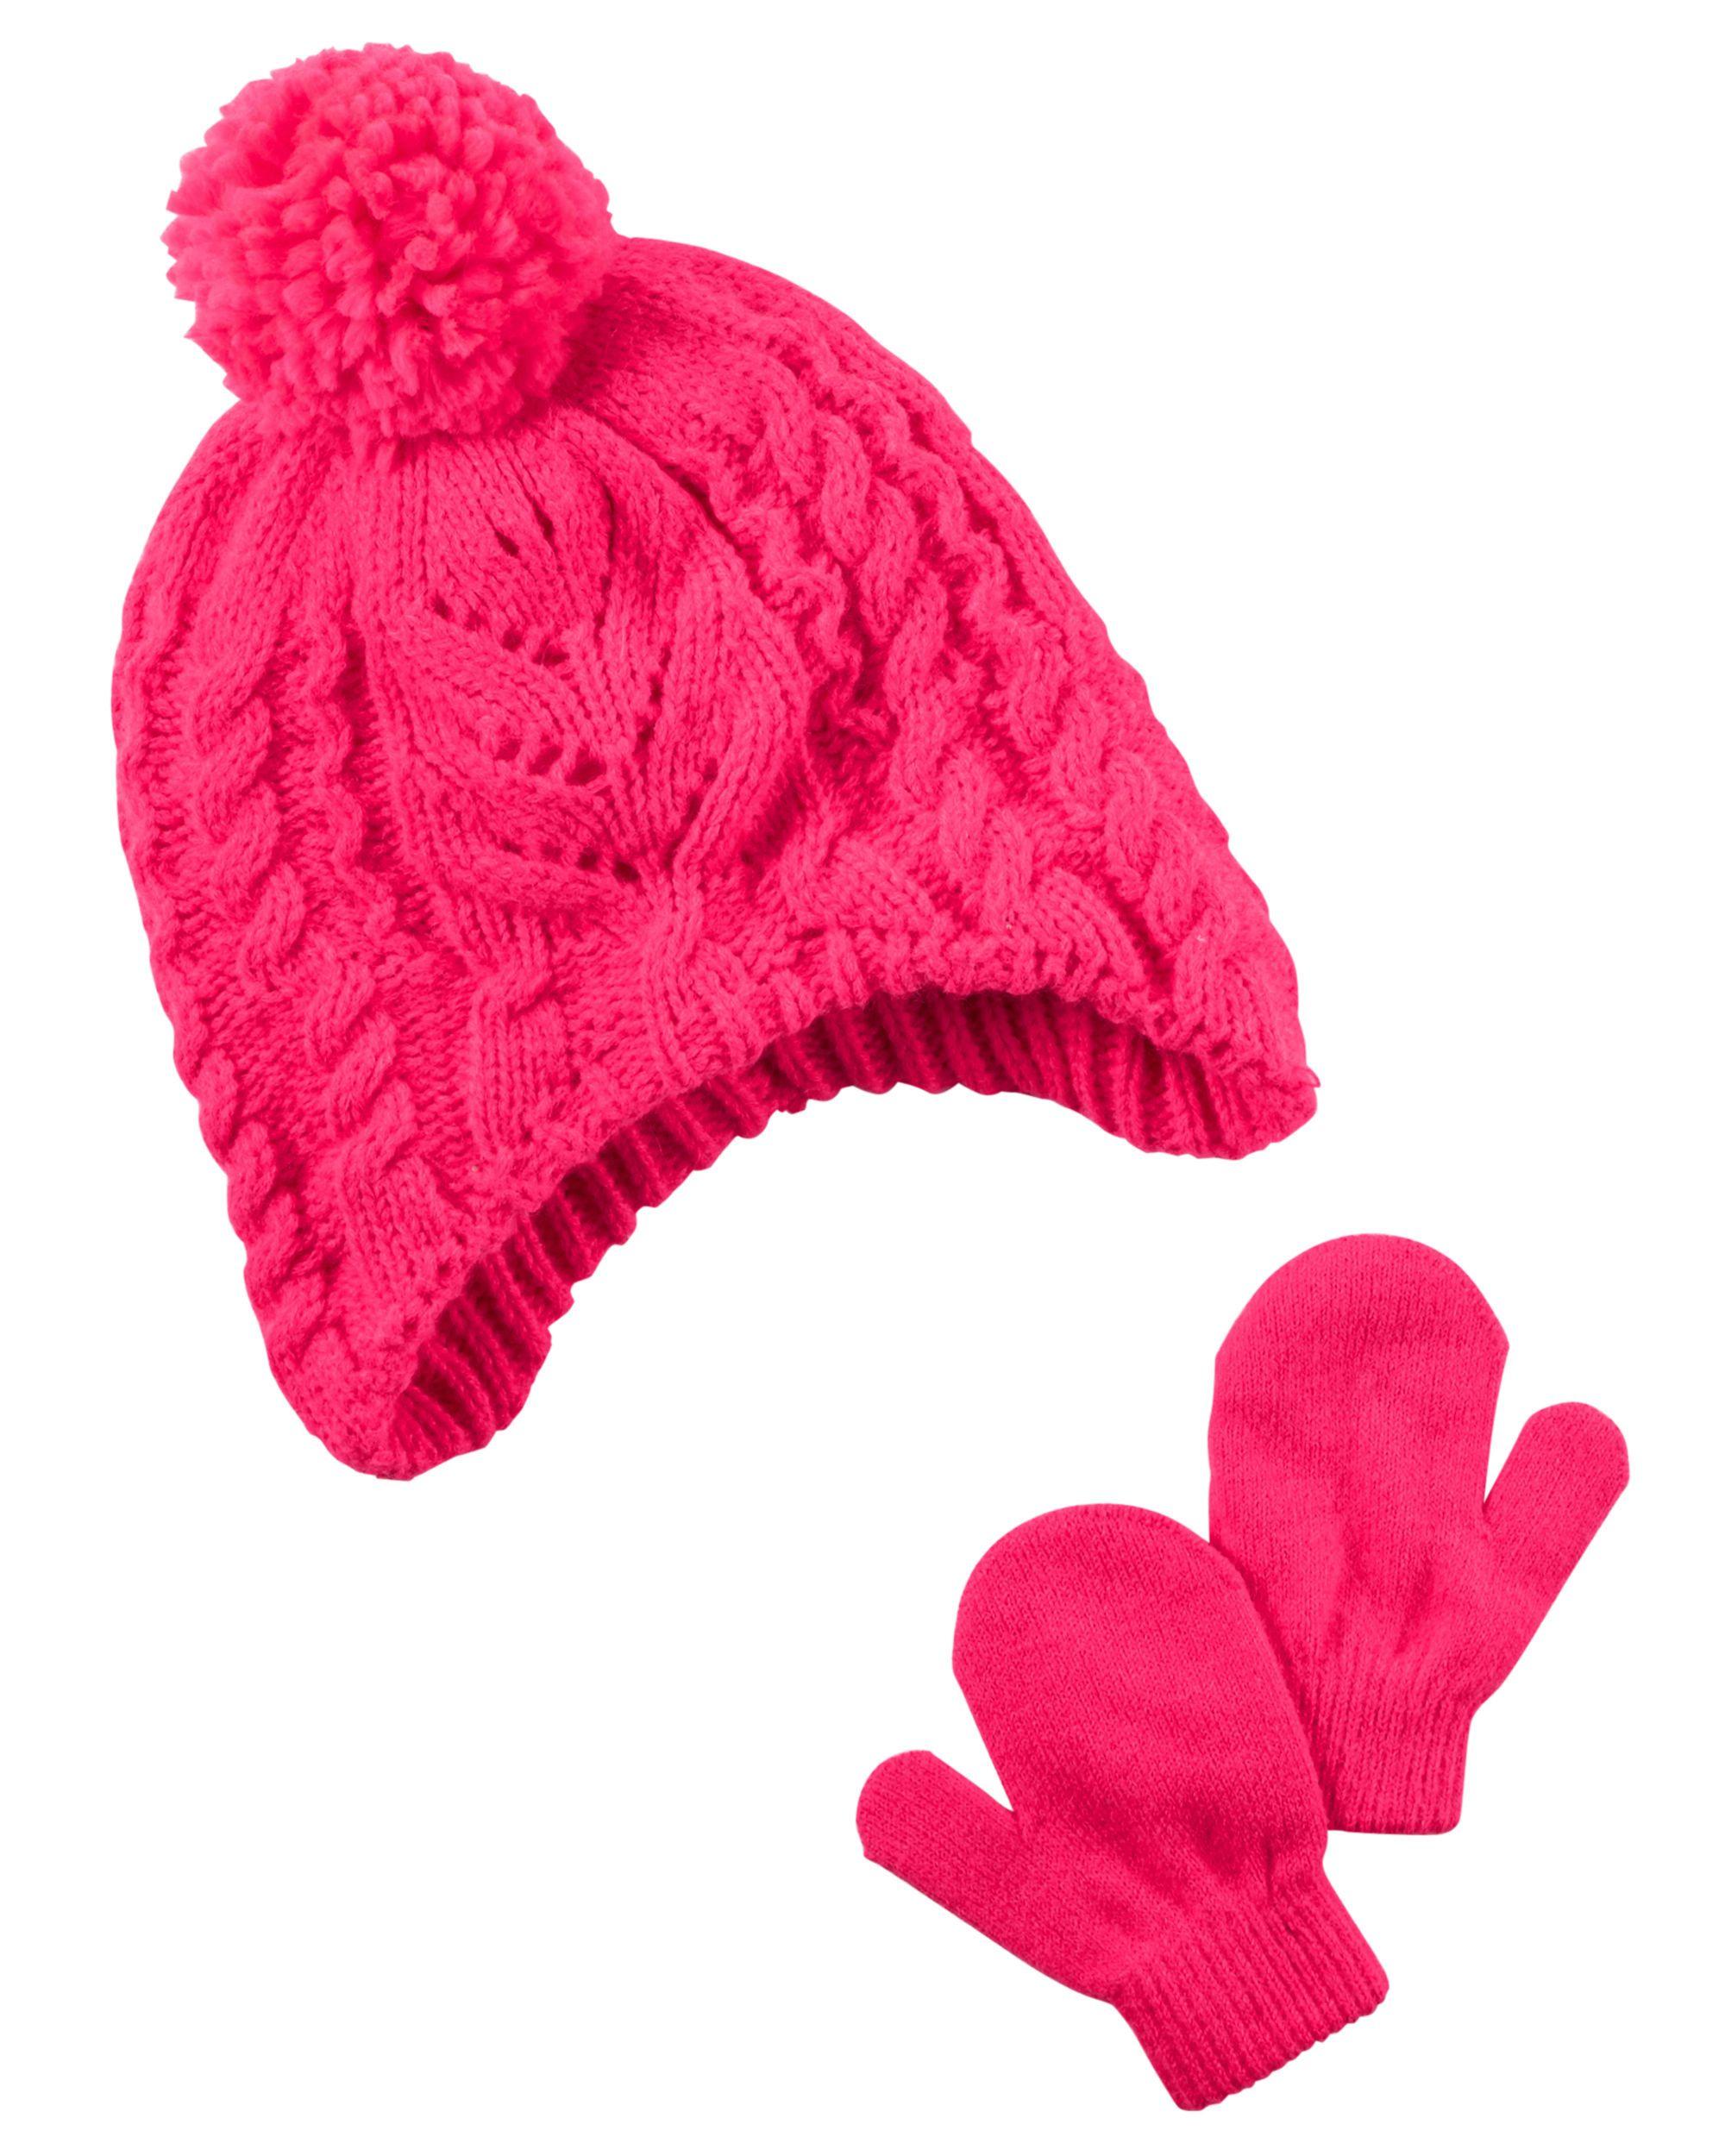 Baby Girl Neon Hat   Mitten Set  75a5cbe97379